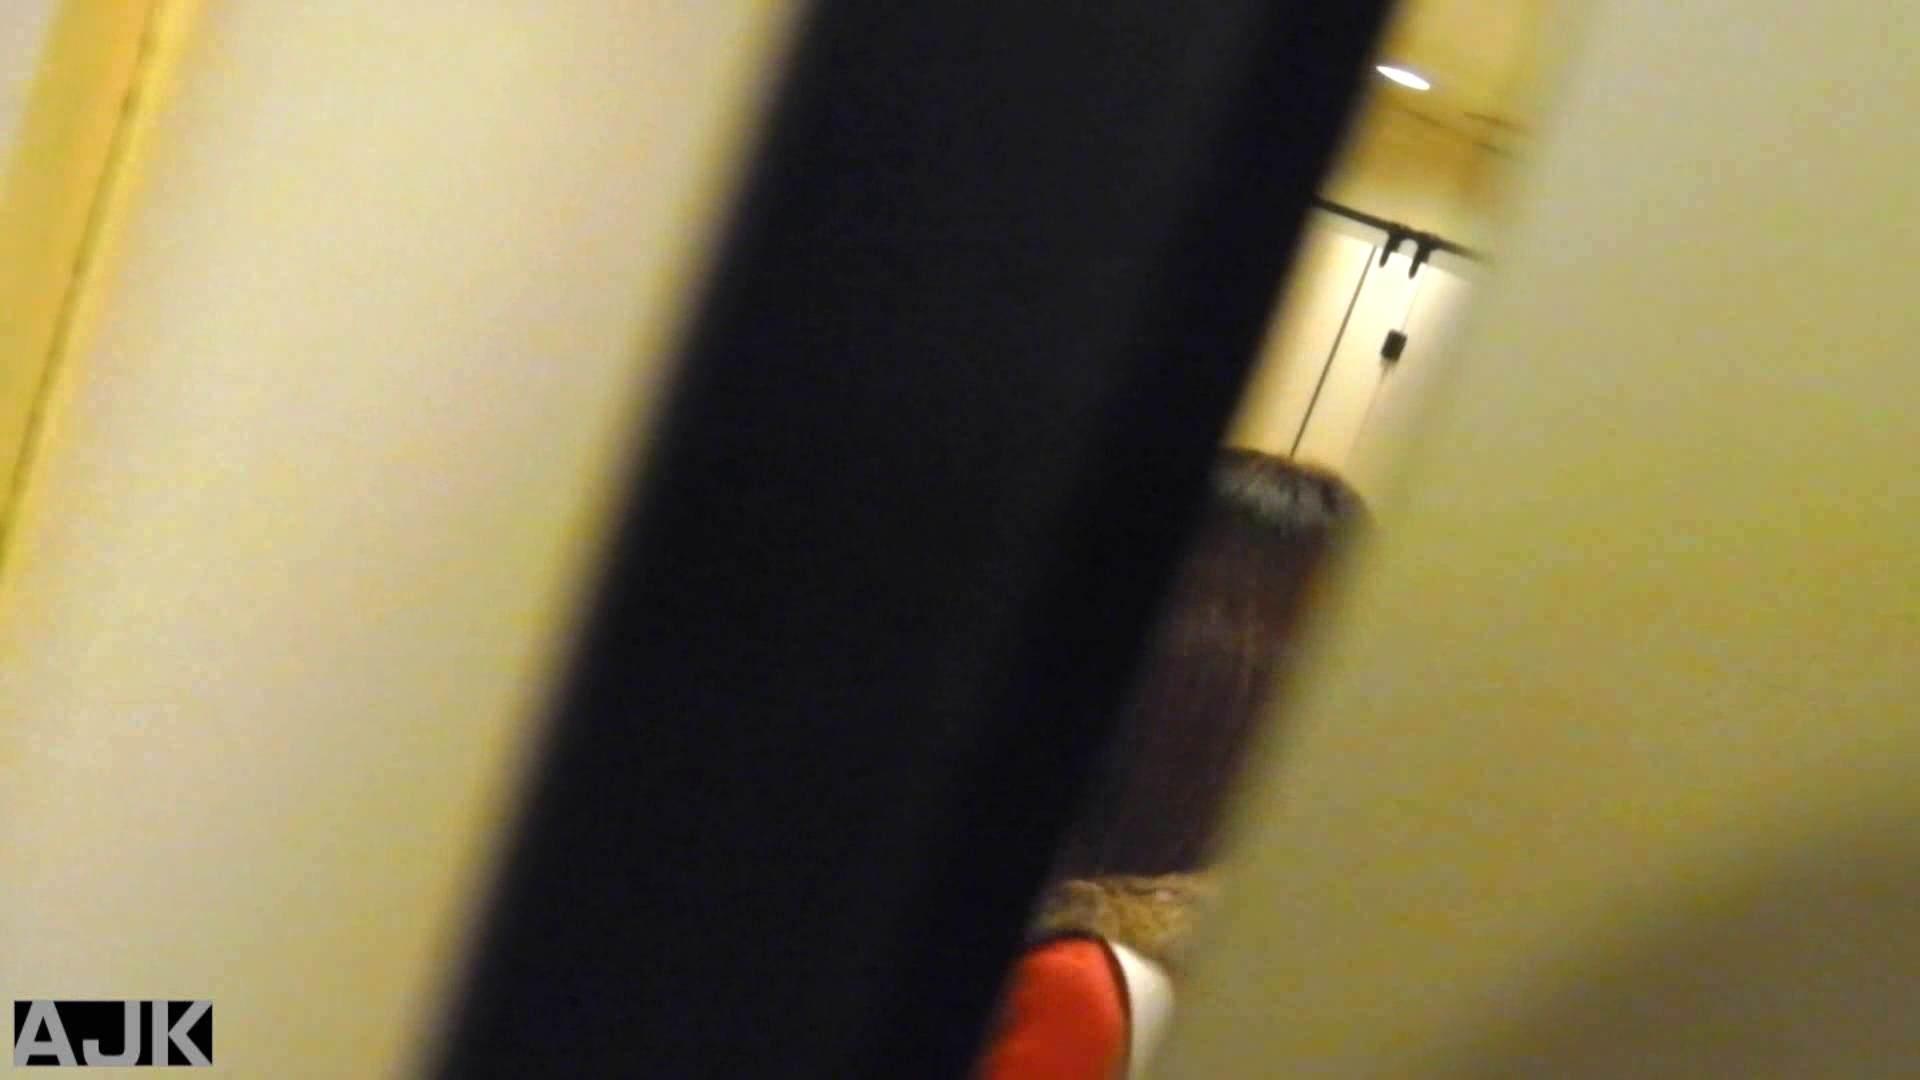 神降臨!史上最強の潜入かわや! vol.01 モロだしオマンコ   マンコ・ムレムレ  106pic 99